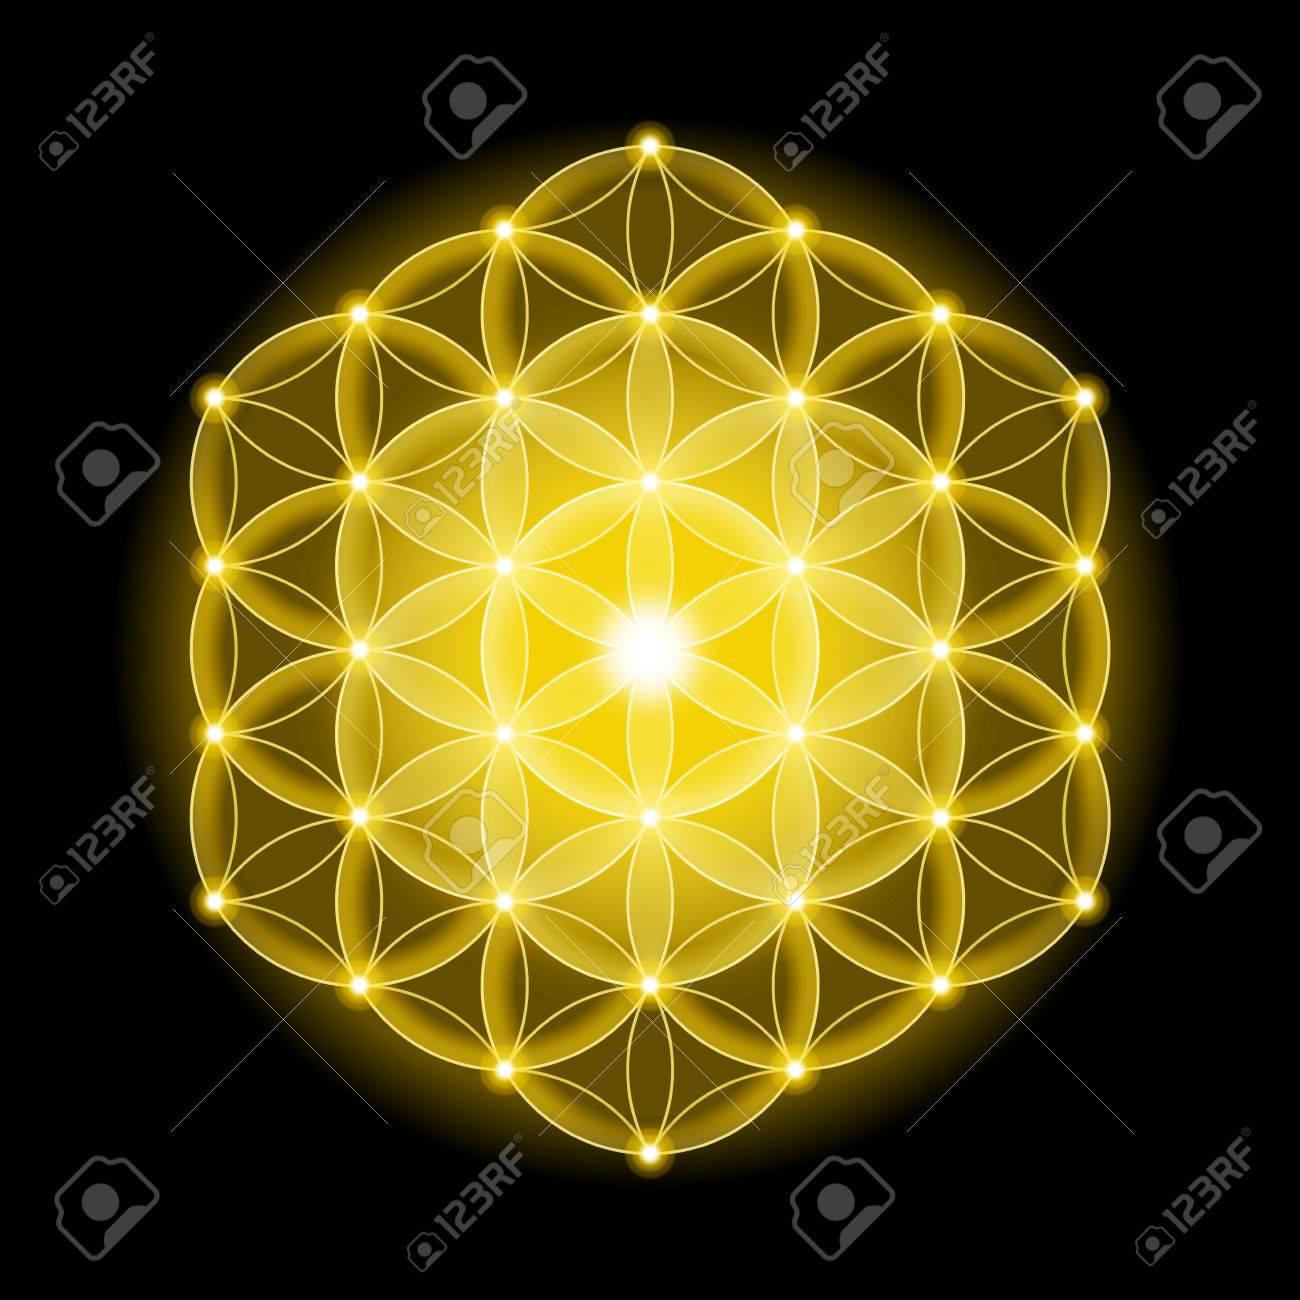 Flor De La Vida Cósmica Dorada Con Estrellas Sobre Fondo Negro Un